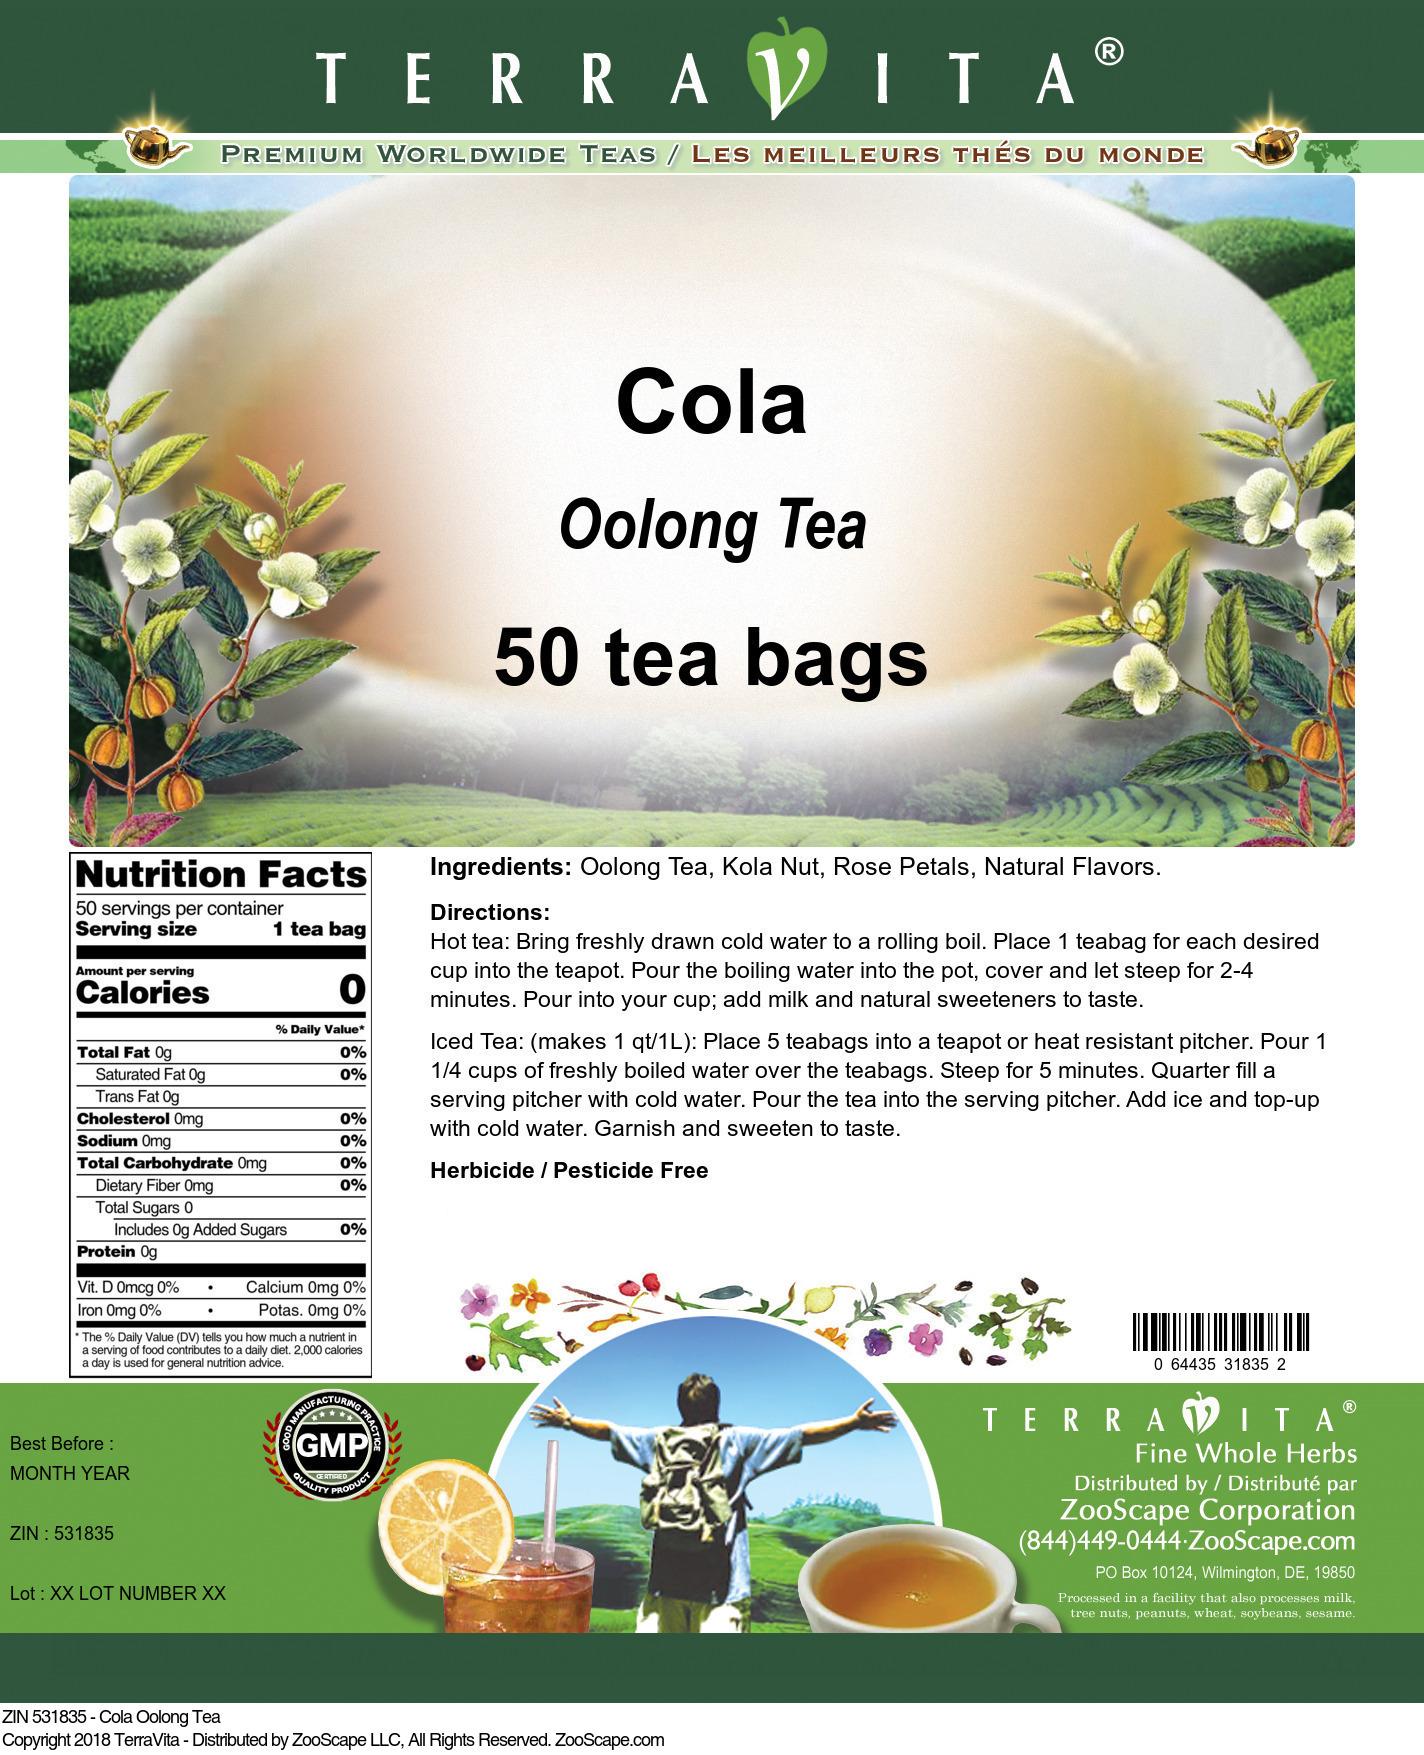 Cola Oolong Tea